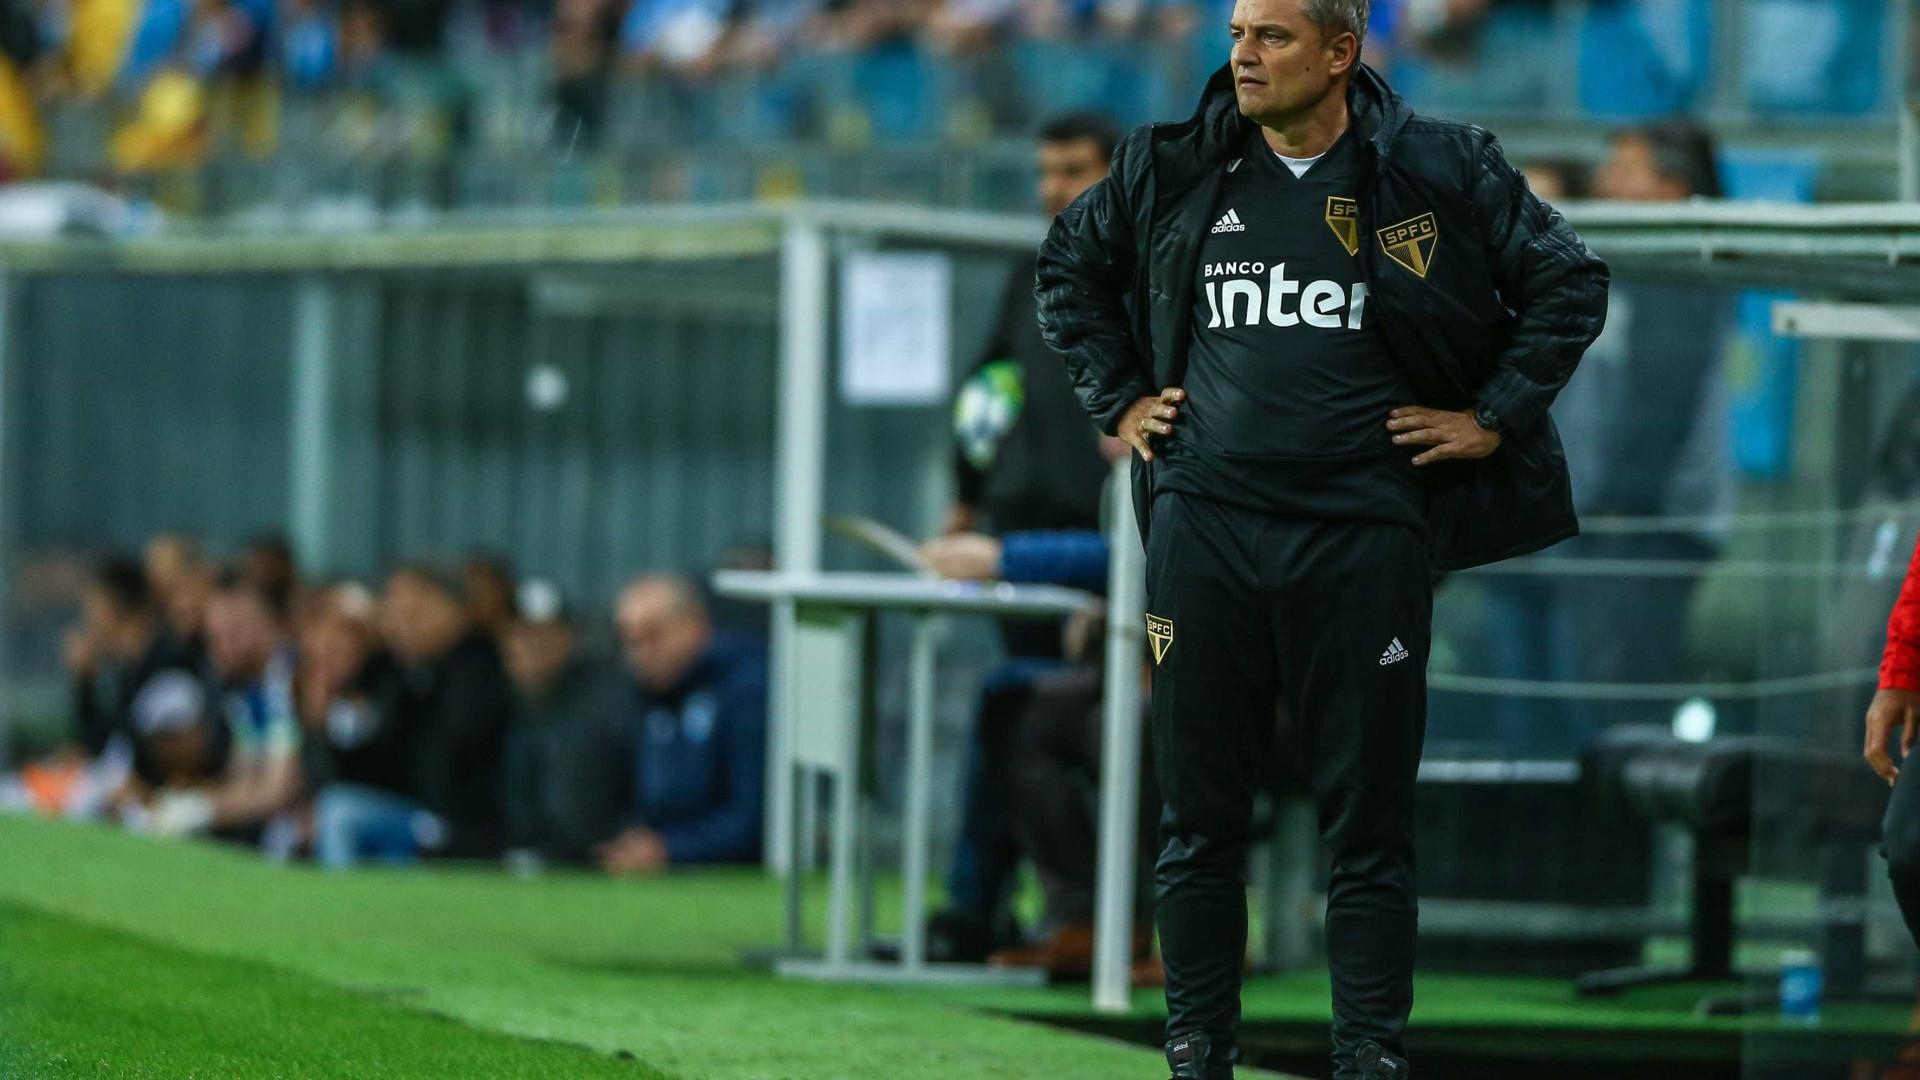 Aniversariante, Diego Aguirre prevê 'jogo espetacular' contra Santos